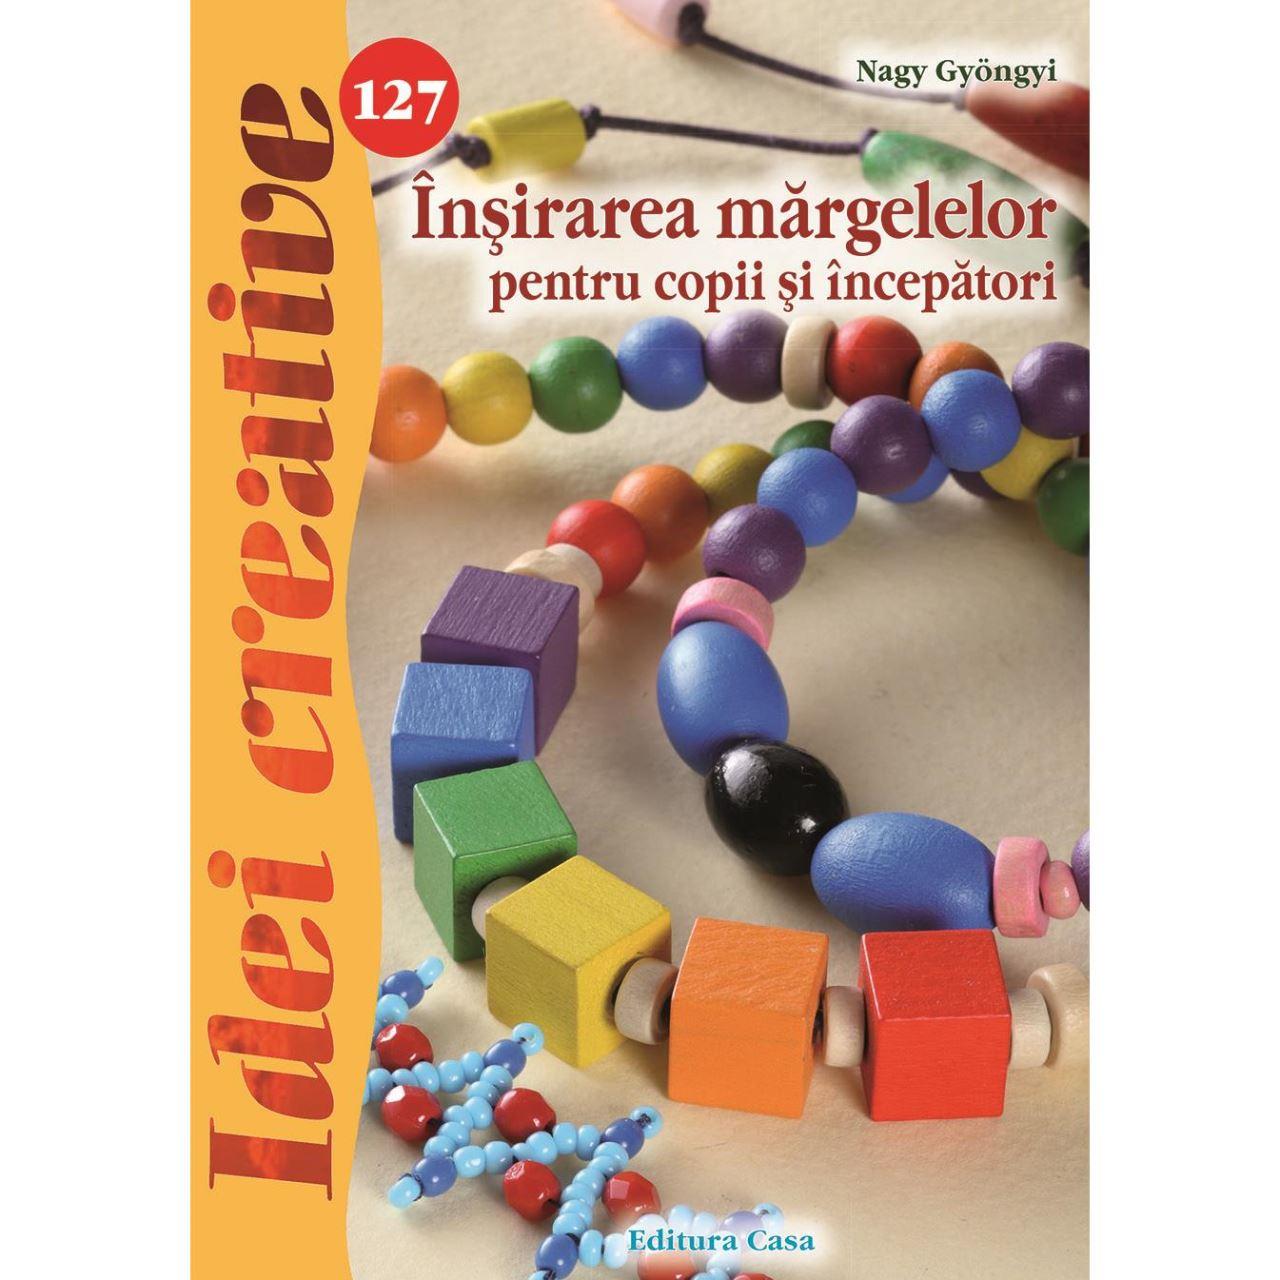 Înşirarea mărgelelor pentru copii şi începători - Idei creative 127 imagine edituracasa.ro